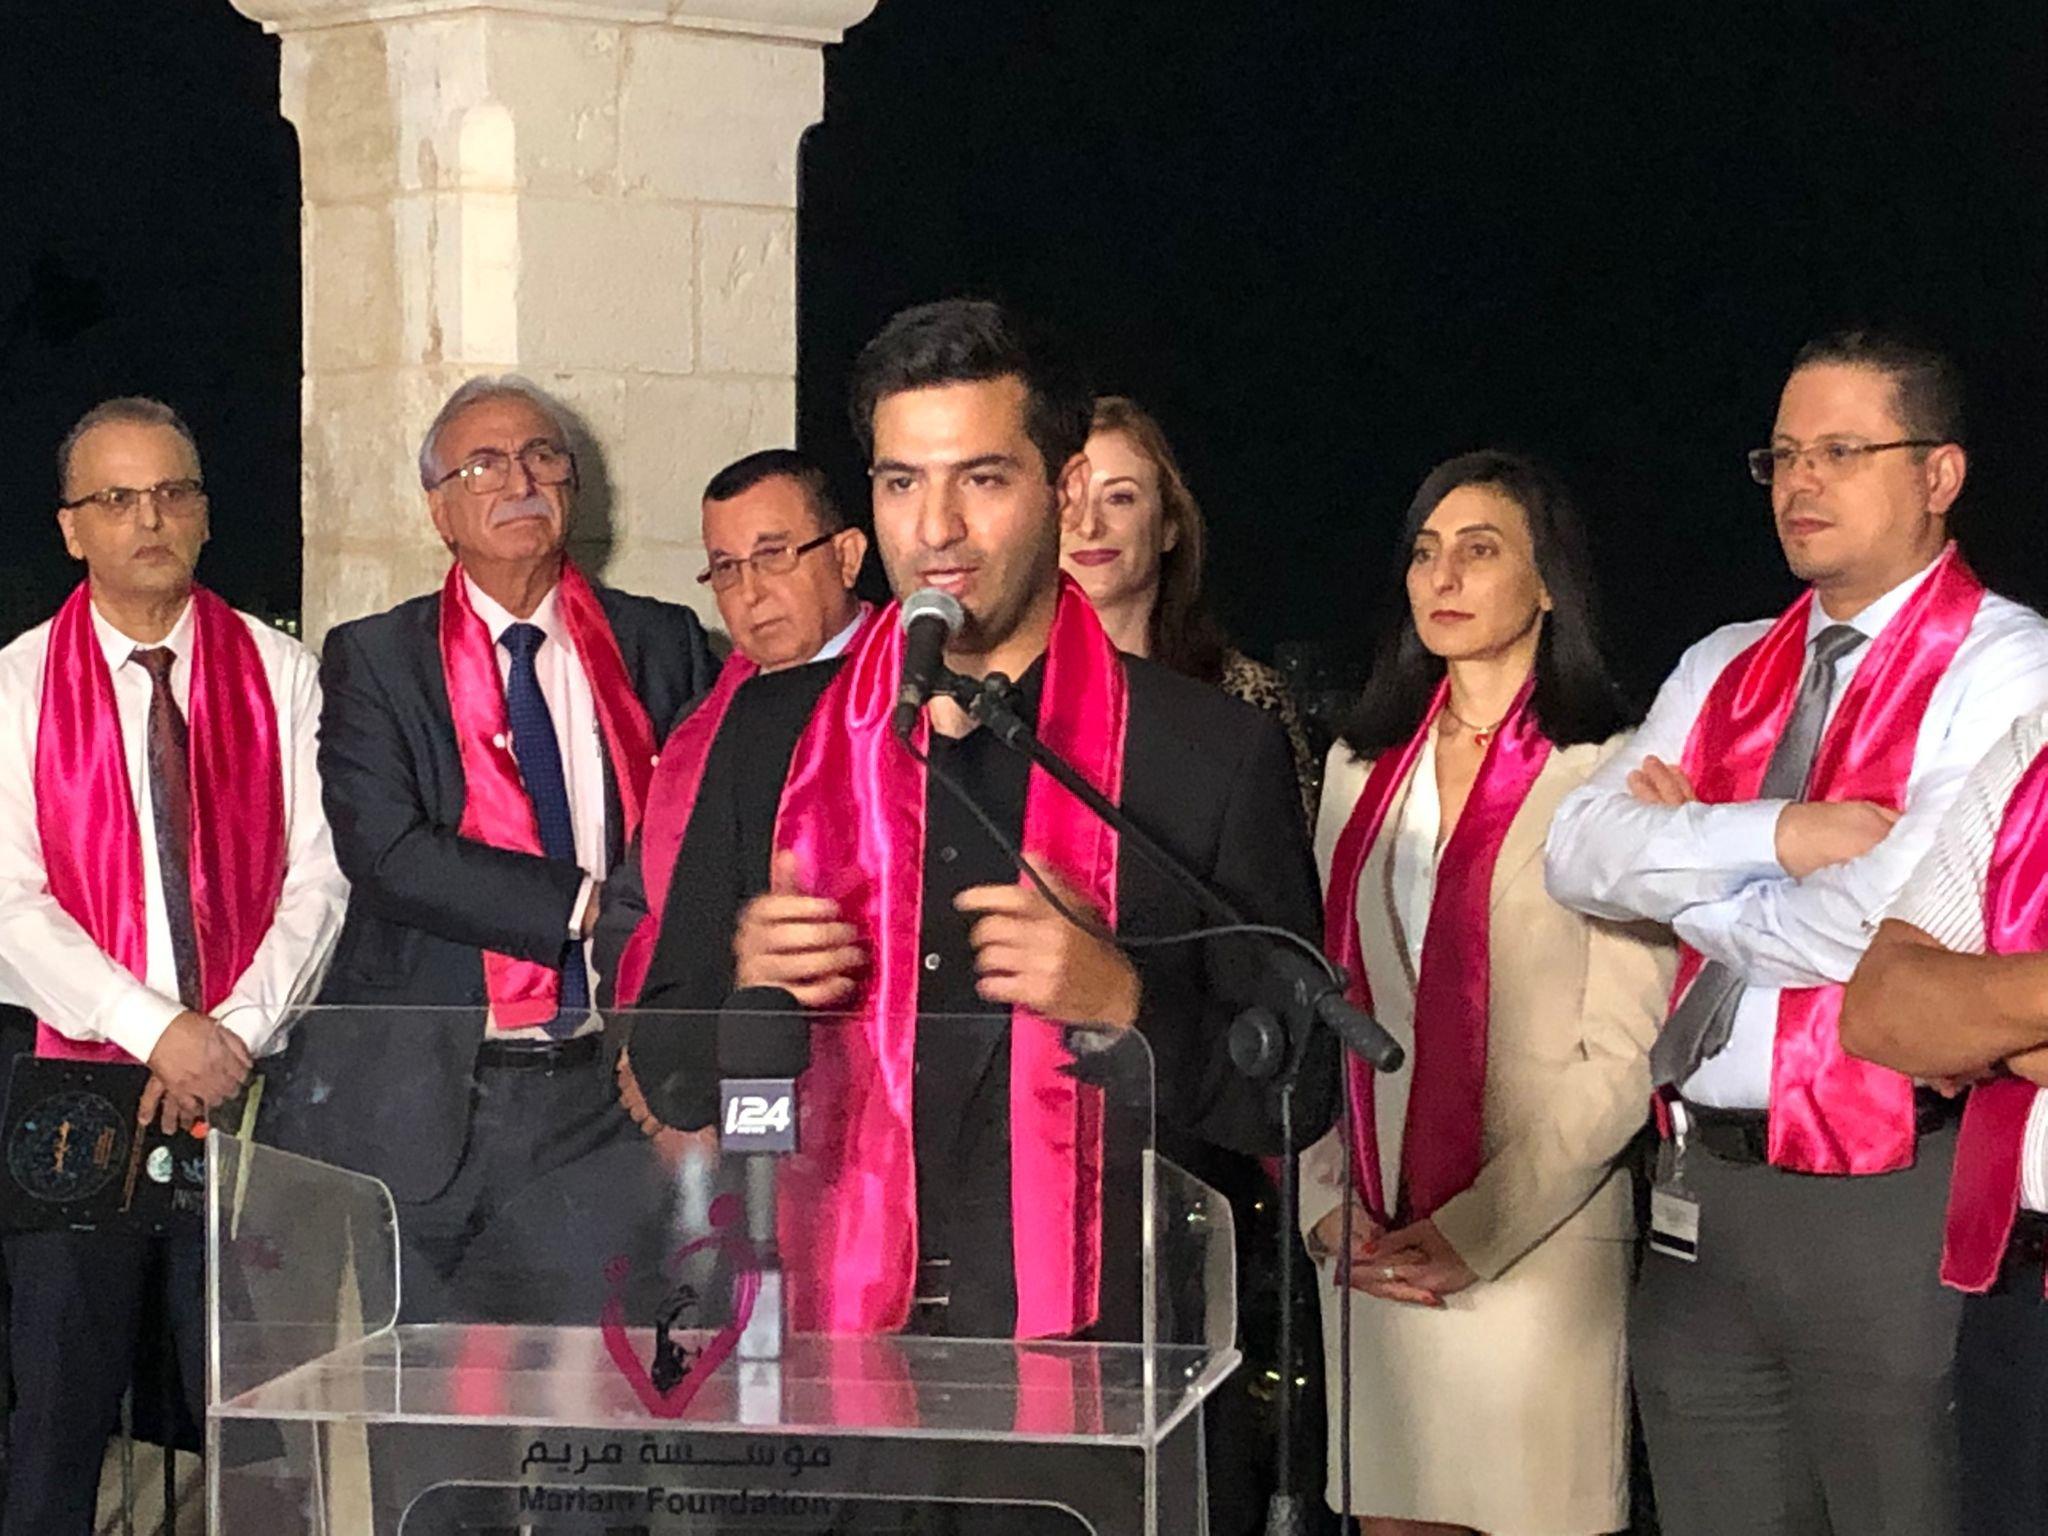 جمعية مريم تنظم أمسية التوعية الأكبر لسرطان الثدي وتضيء كنيسة السالزيان باللون الزهري-0